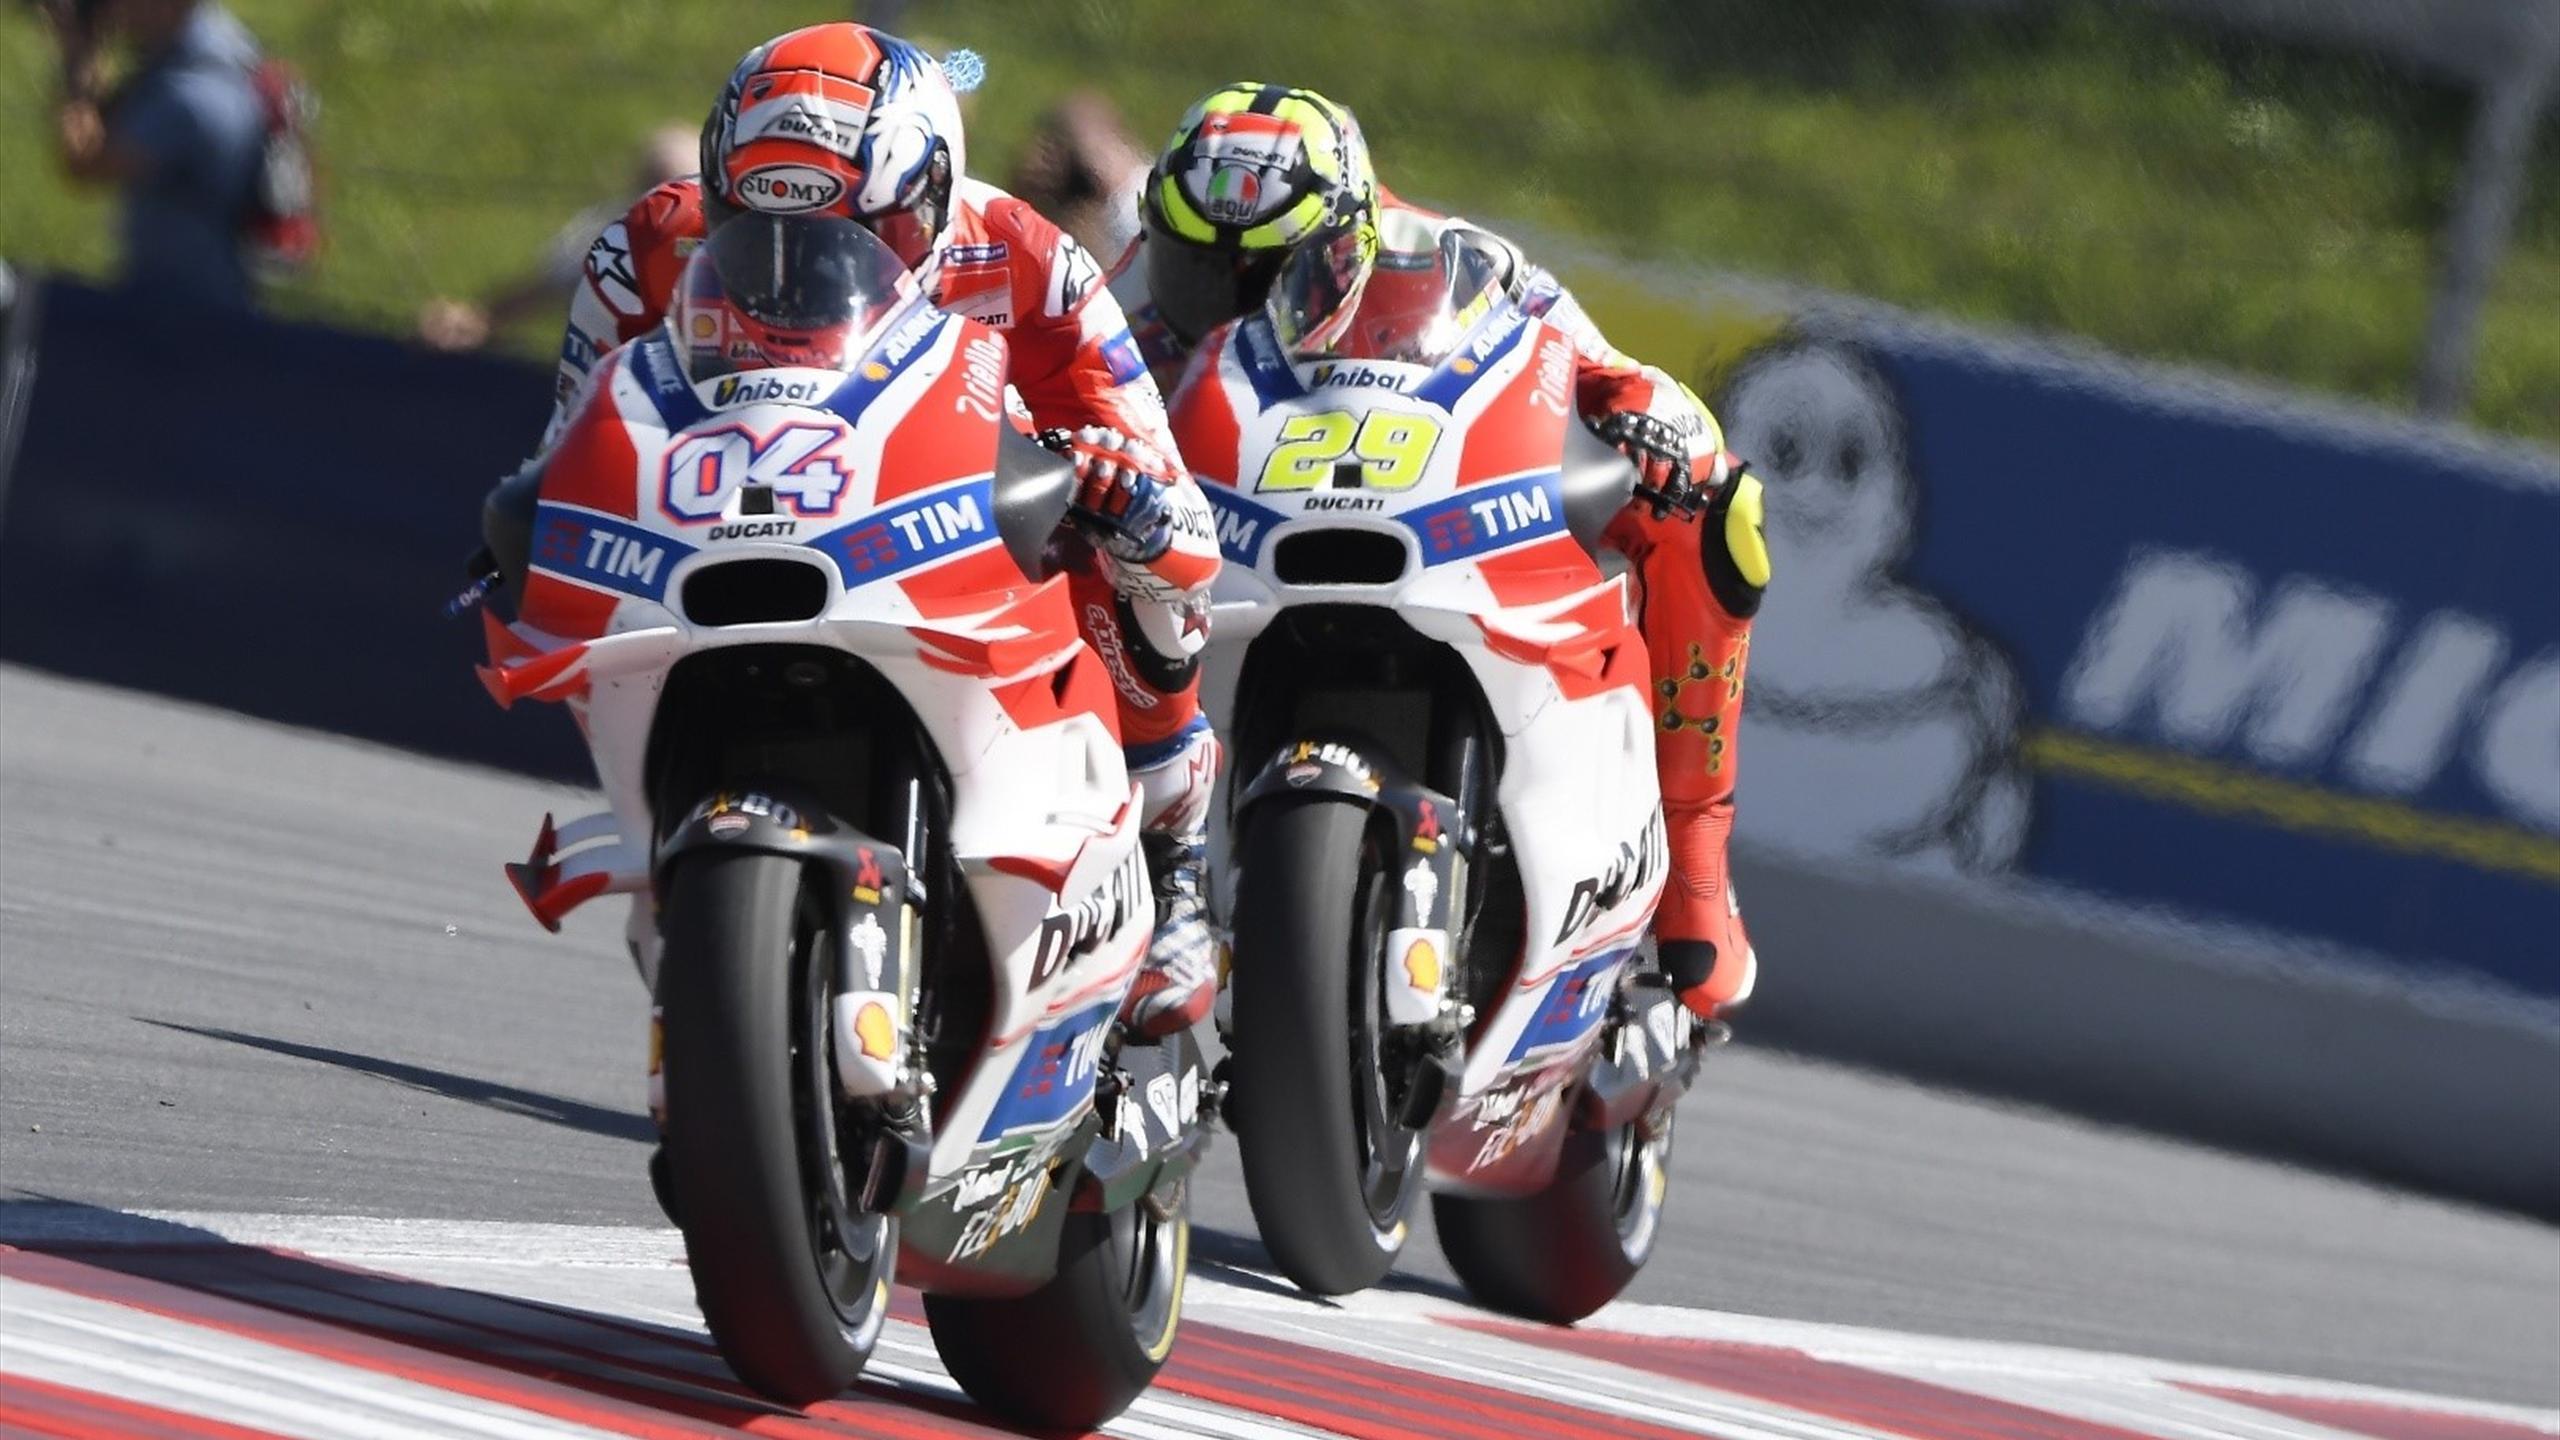 Andrea Dovizioso et Andrea Iannone (Ducati Team) during Austrian GP 2016